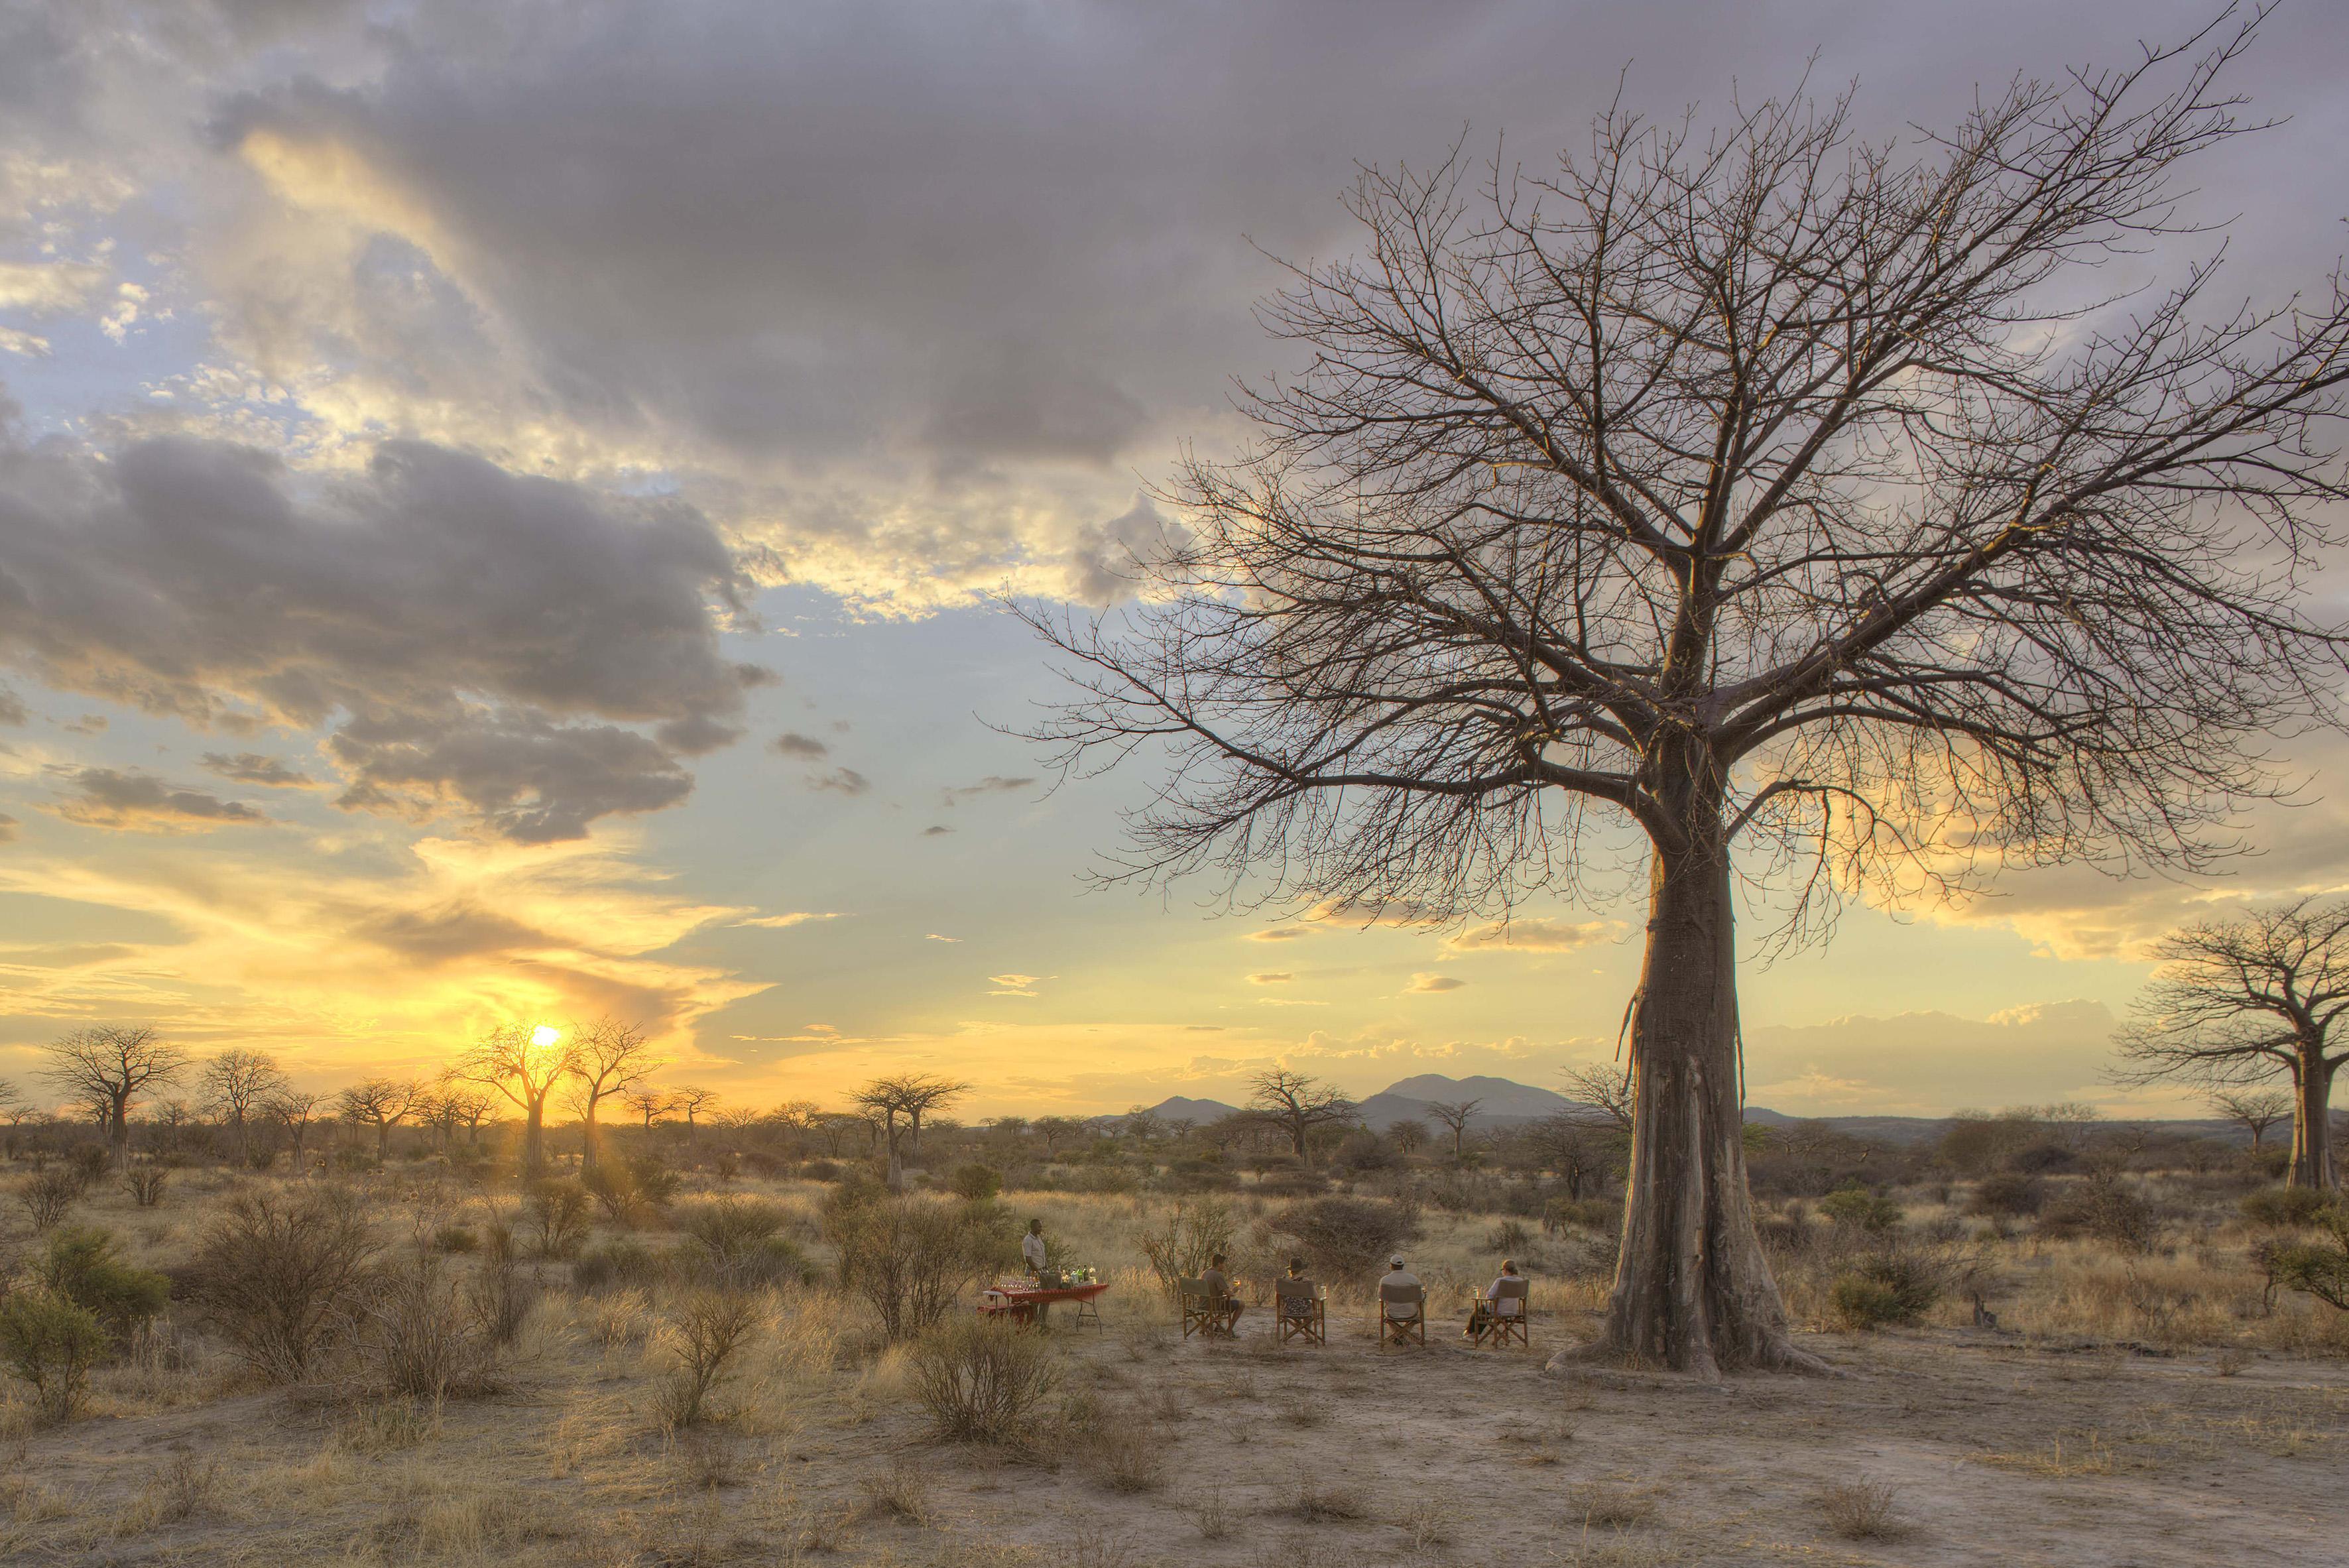 jabali_ridge_-_drinks_at_sunset_in_baoba